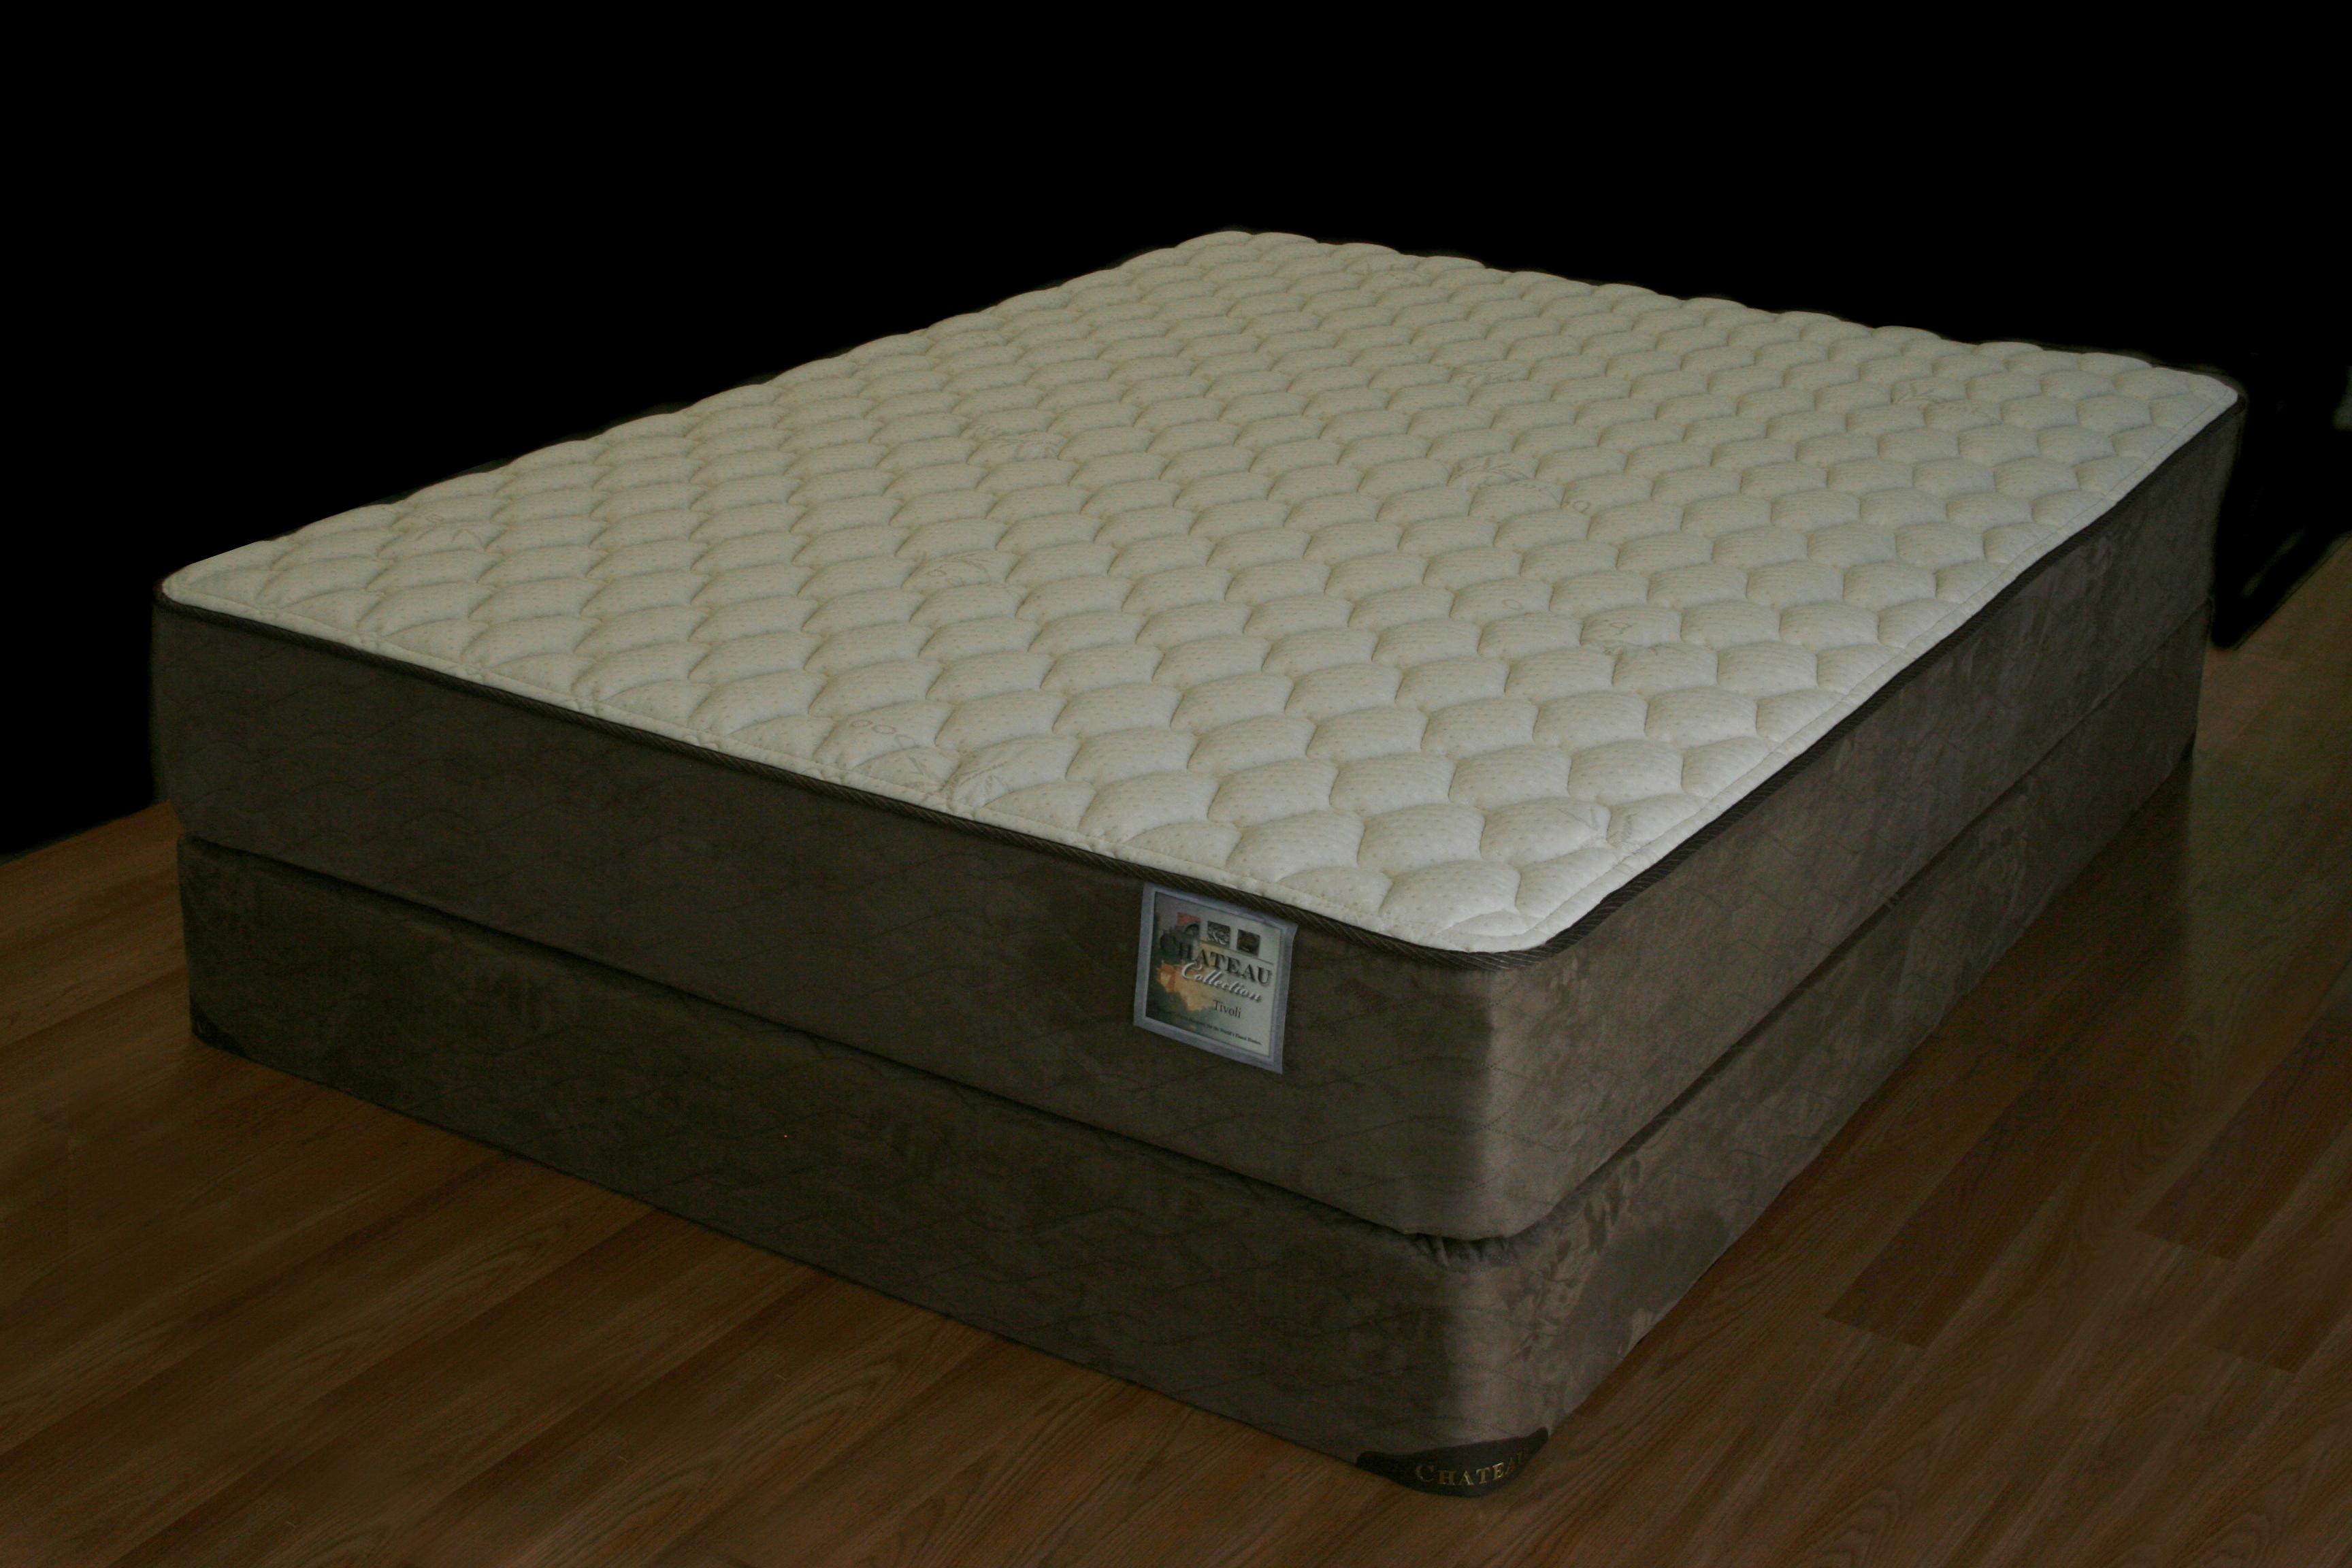 bristol pillow top 805 mattresses